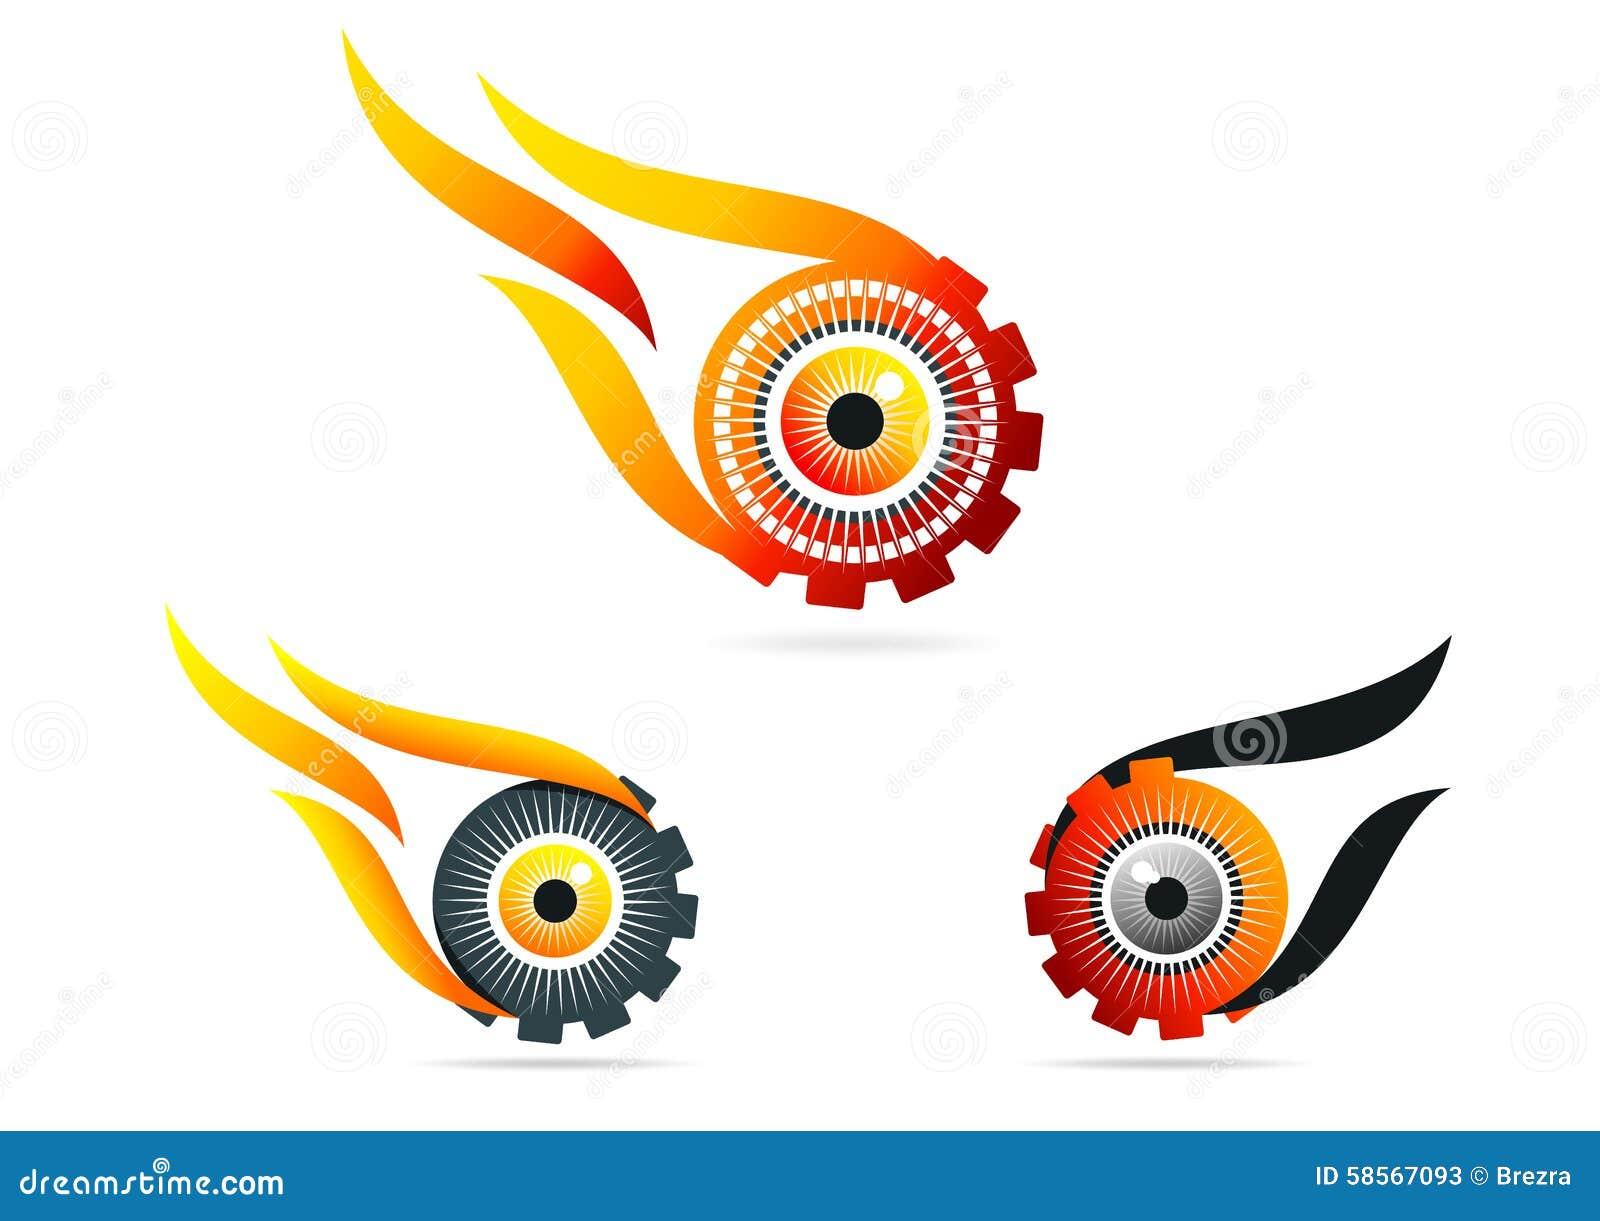 Ojo, llama, engranaje, logotipo, tecnología, visión, rueda, cuidado, símbolo, icono, diseño, sistema